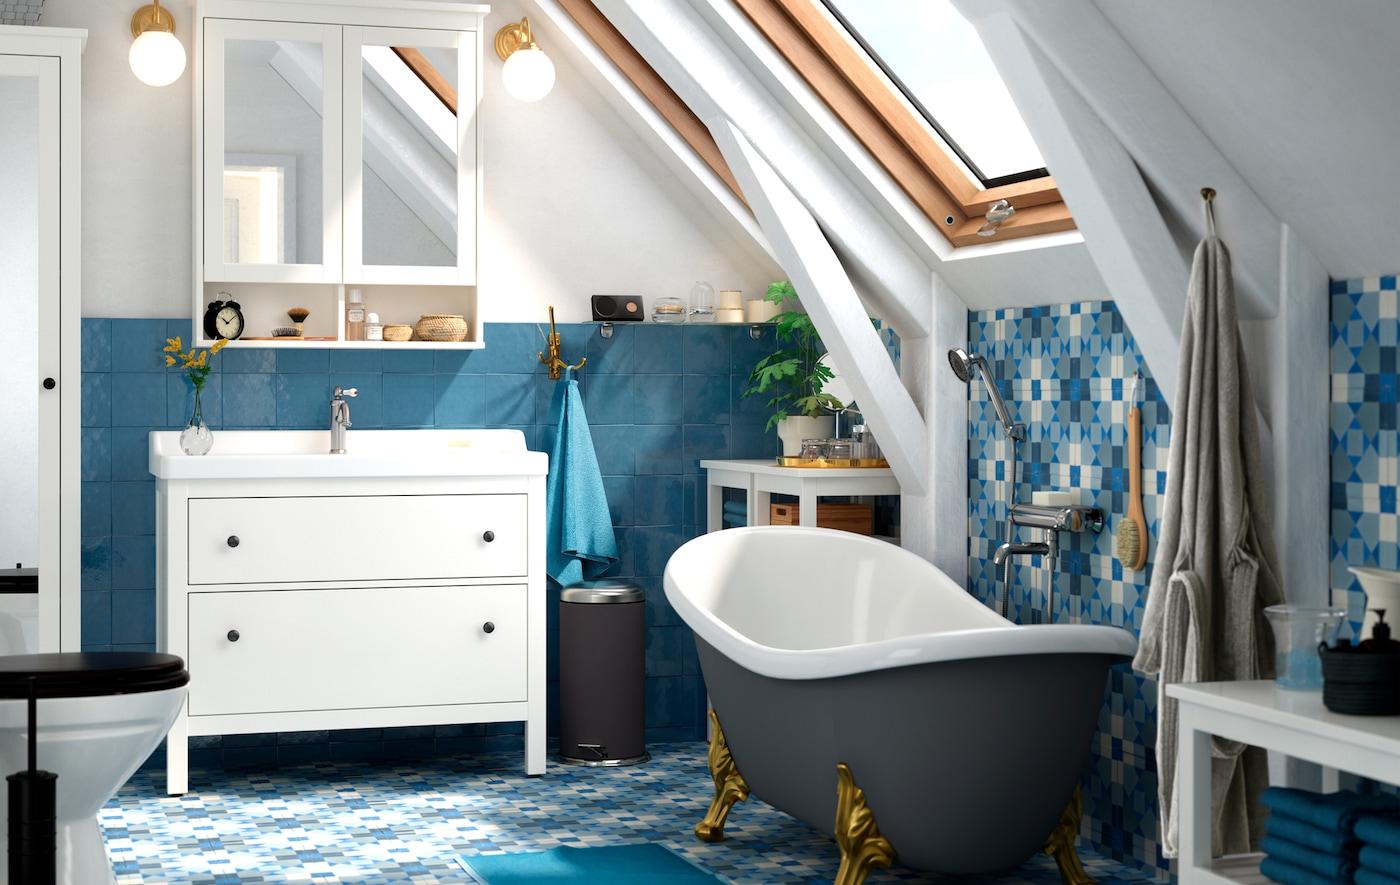 Cuarto de baño con azulejos y baldosas azules, una bañera independiente y un mueble de baño blanco y un armario con espejos por encima.